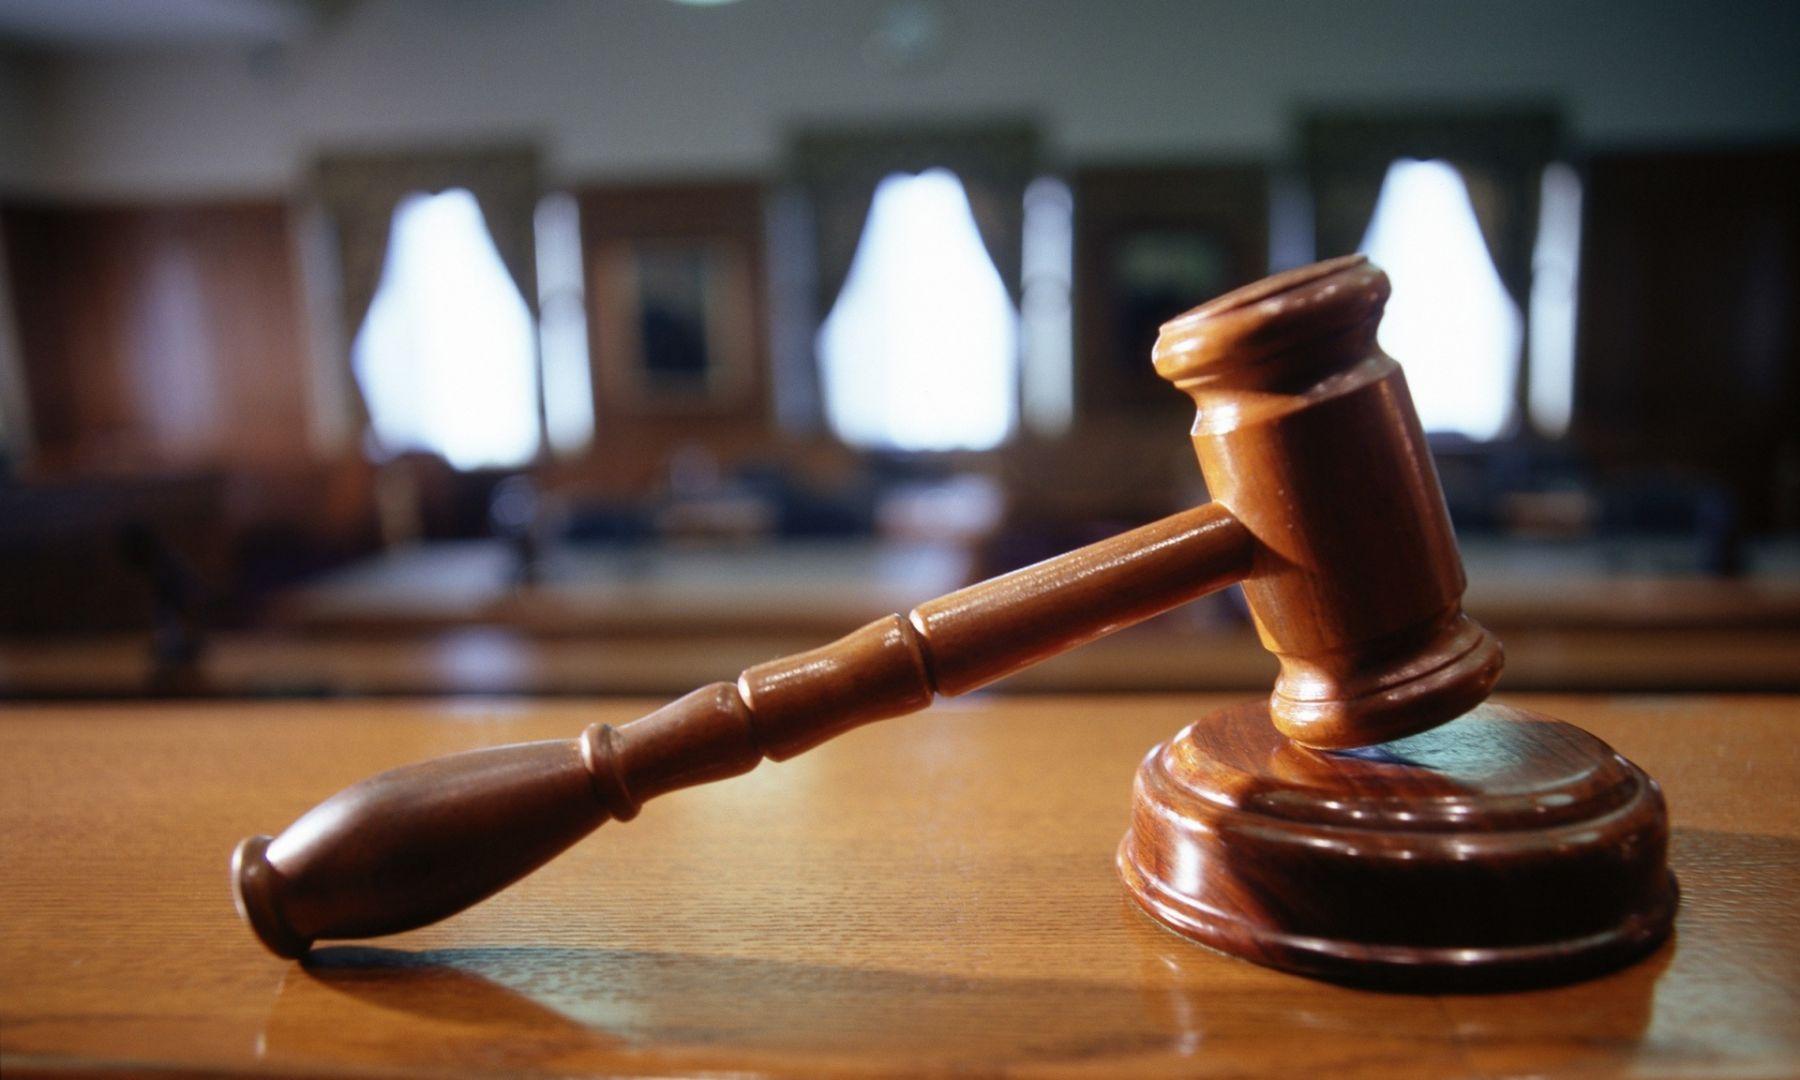 Военный суд за незаконное хранение наркотиков отправил контрактника в исправительную колонию на 3 года и 6 месяцев